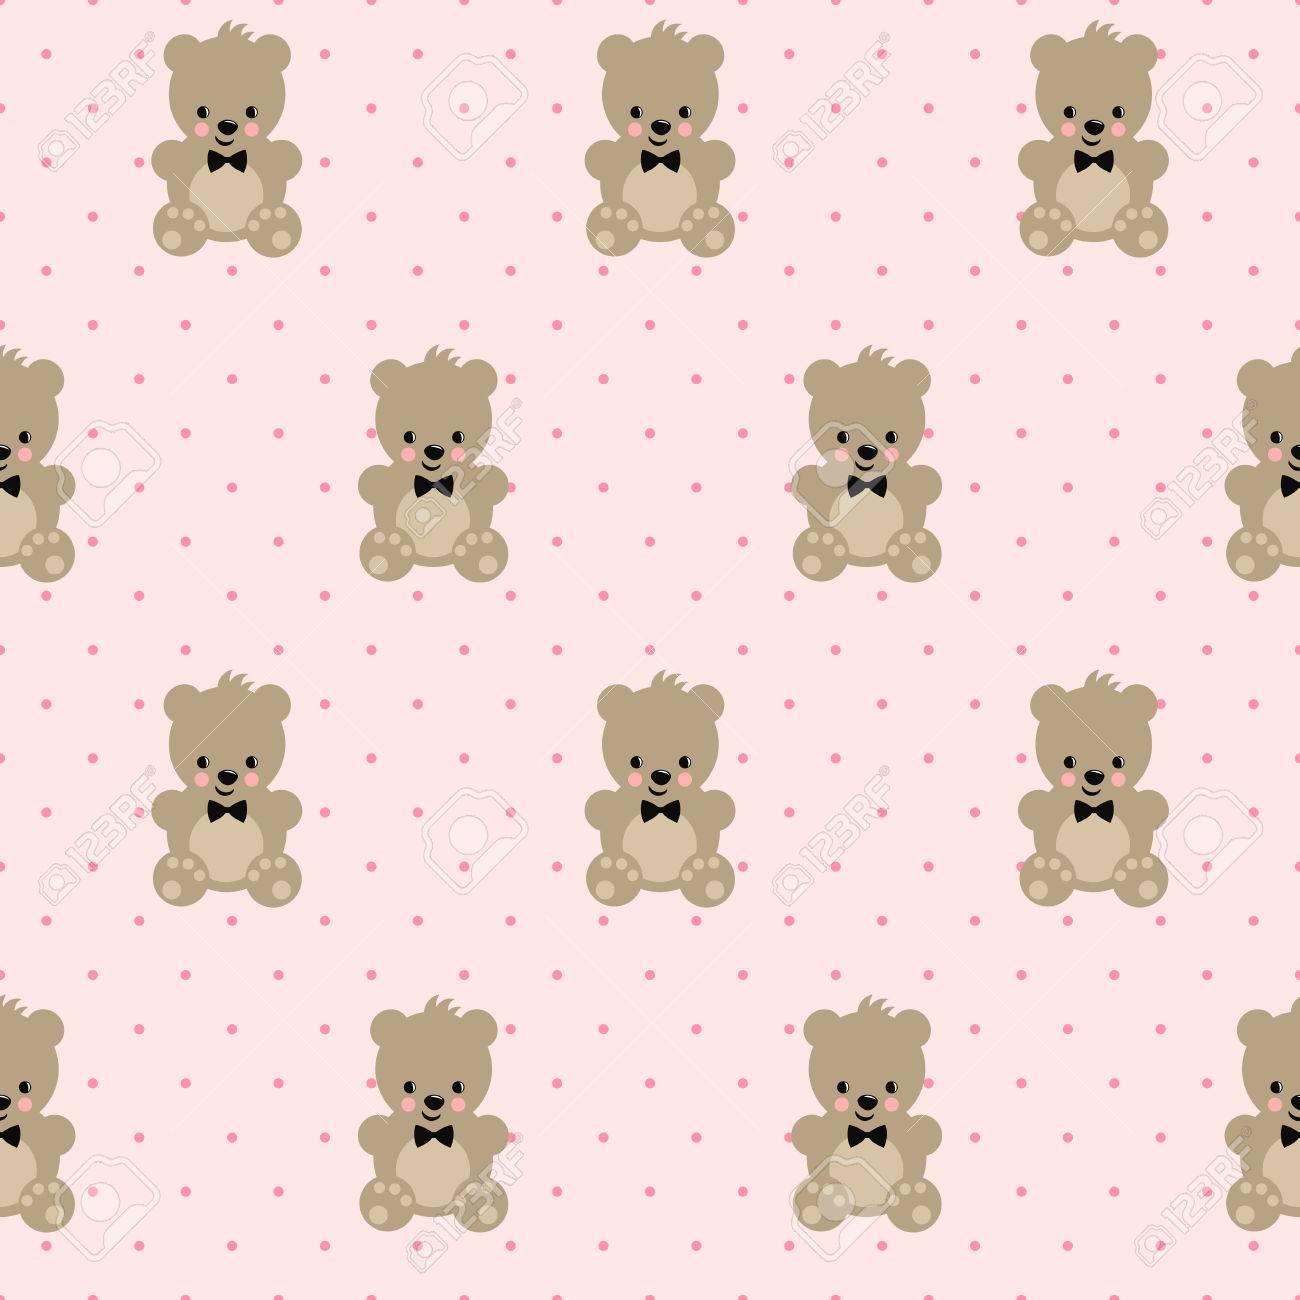 テディベア ピンクの水玉背景にシームレス パターン クマの赤ちゃん